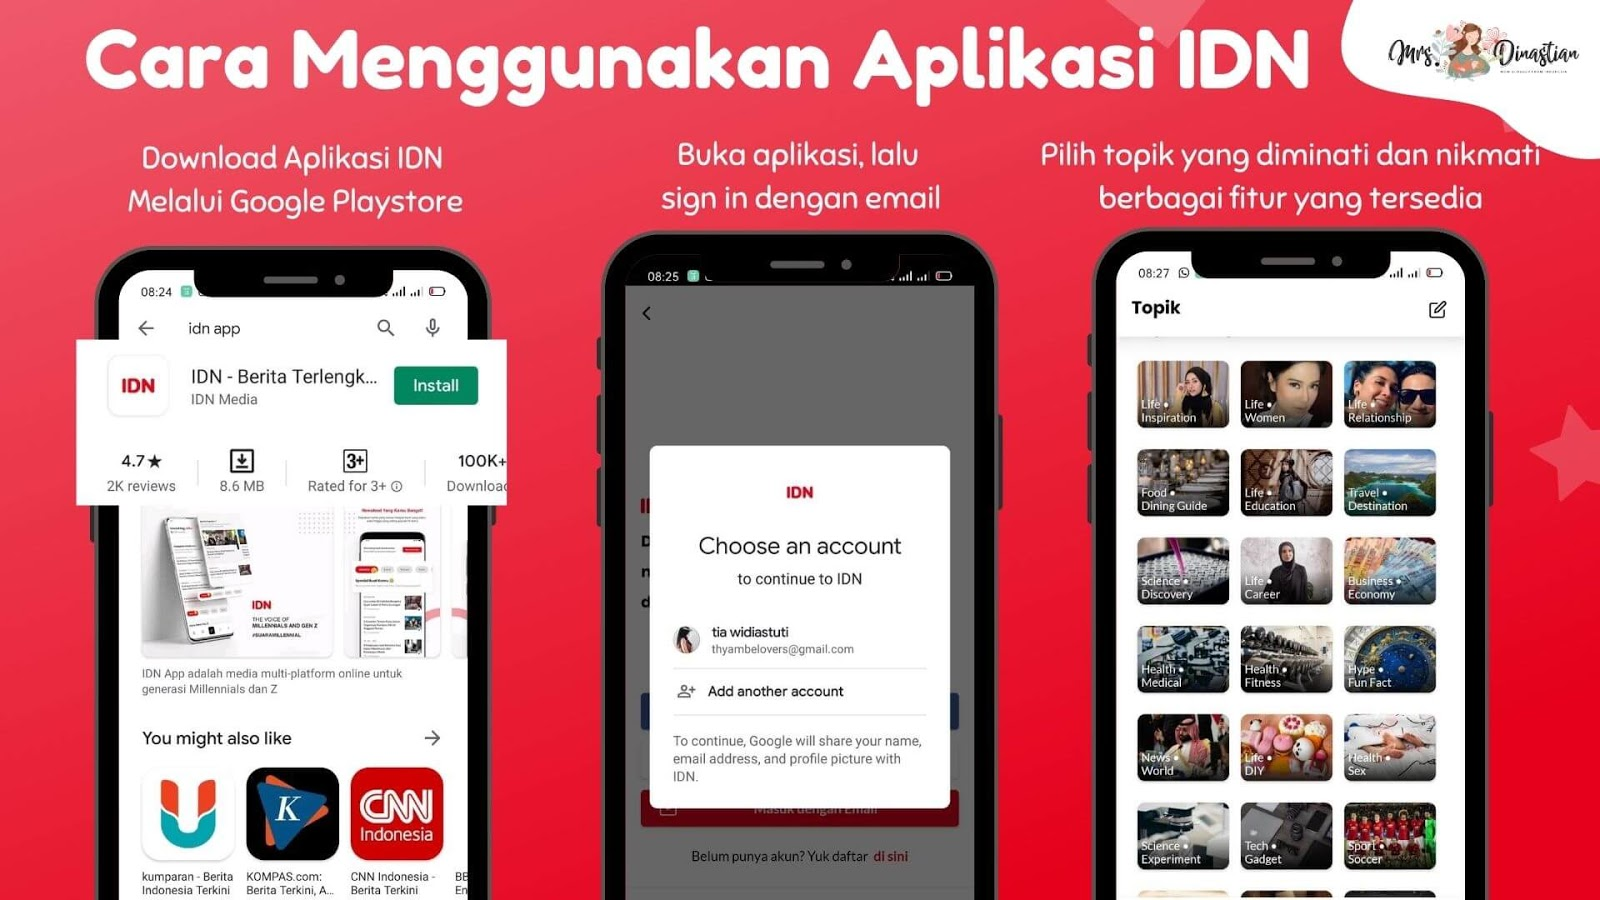 Cara Menggunakan IDN App